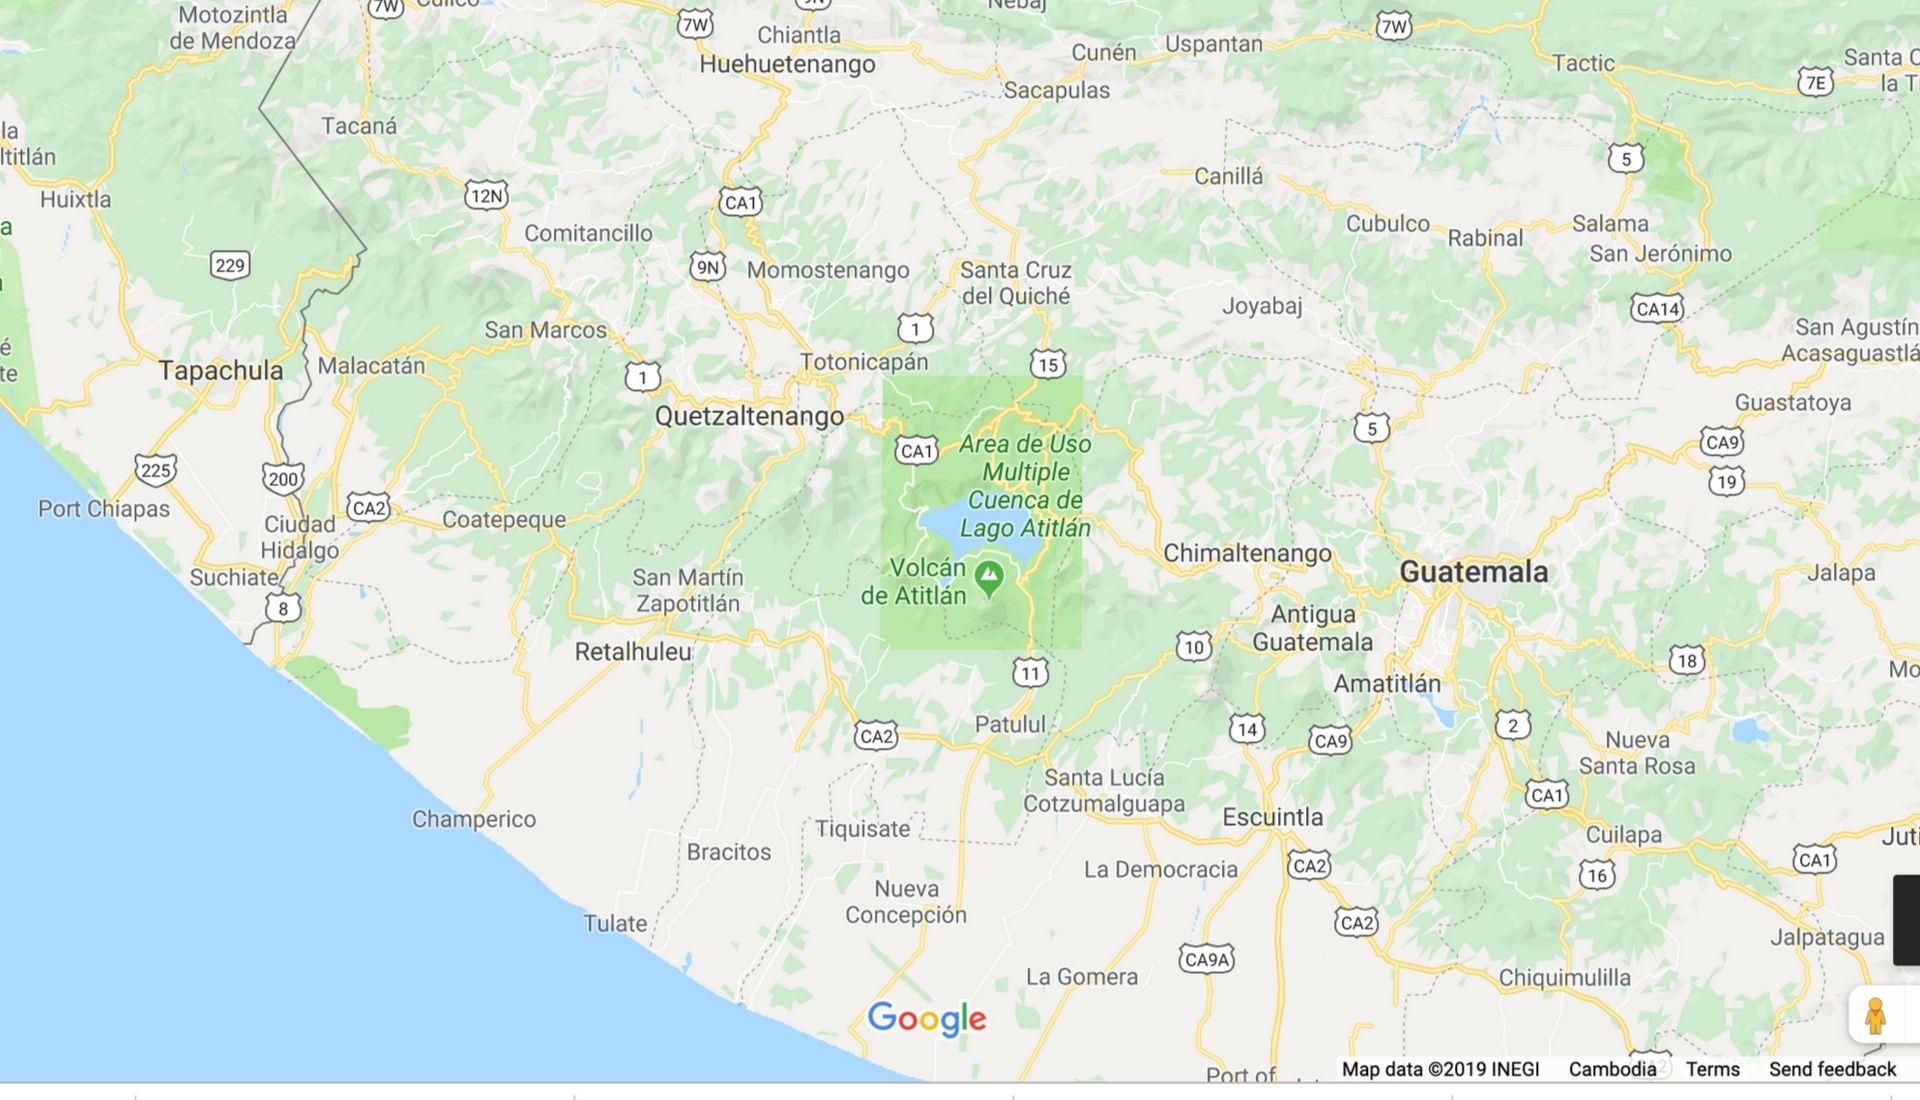 Map of location of Lake Atitlan